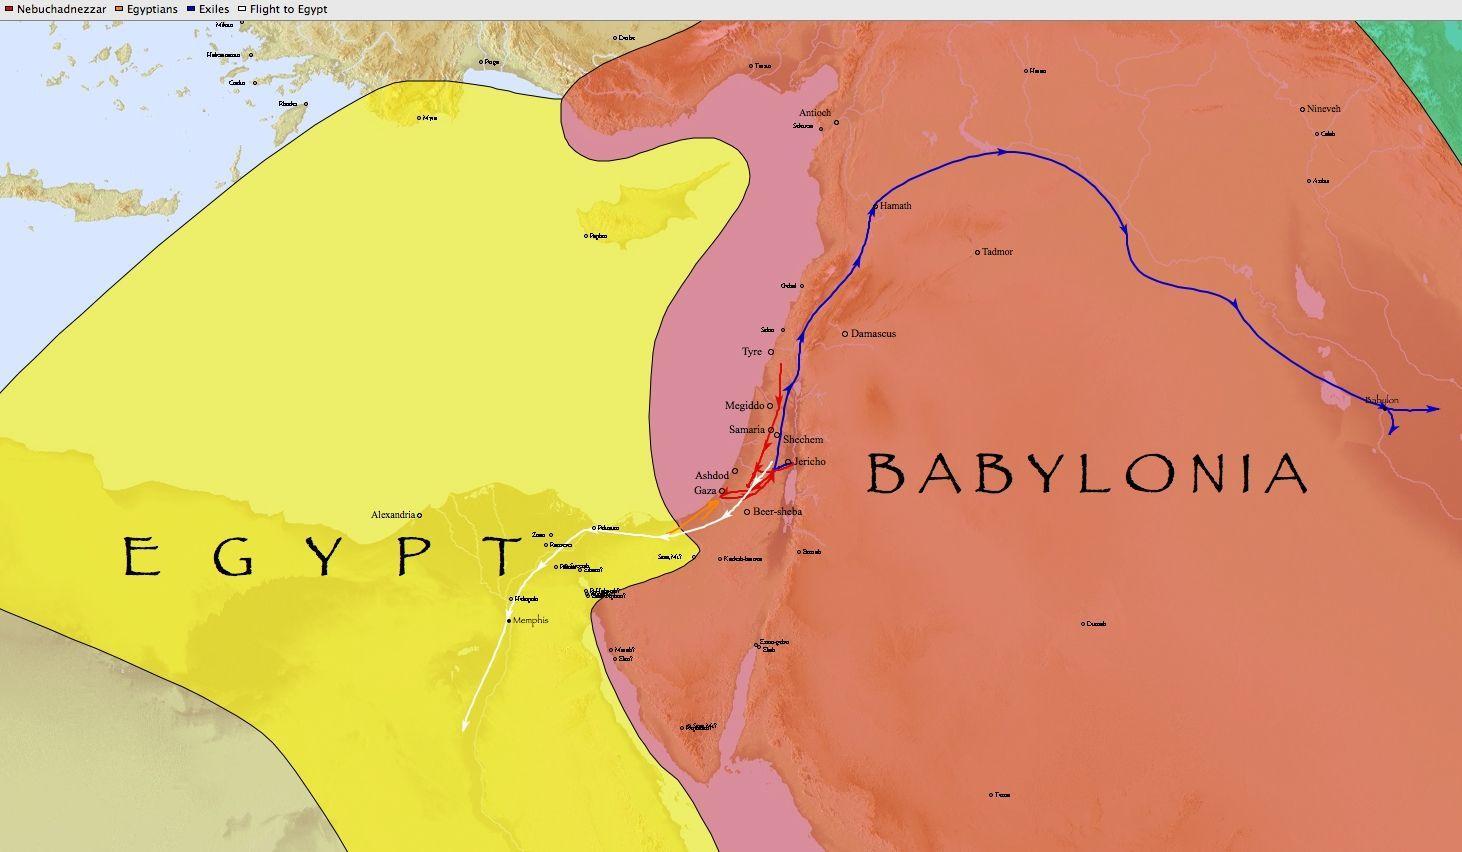 Babylon Karte.Babylon ägypten Map Karte Von Babylon In ägypten ägypten